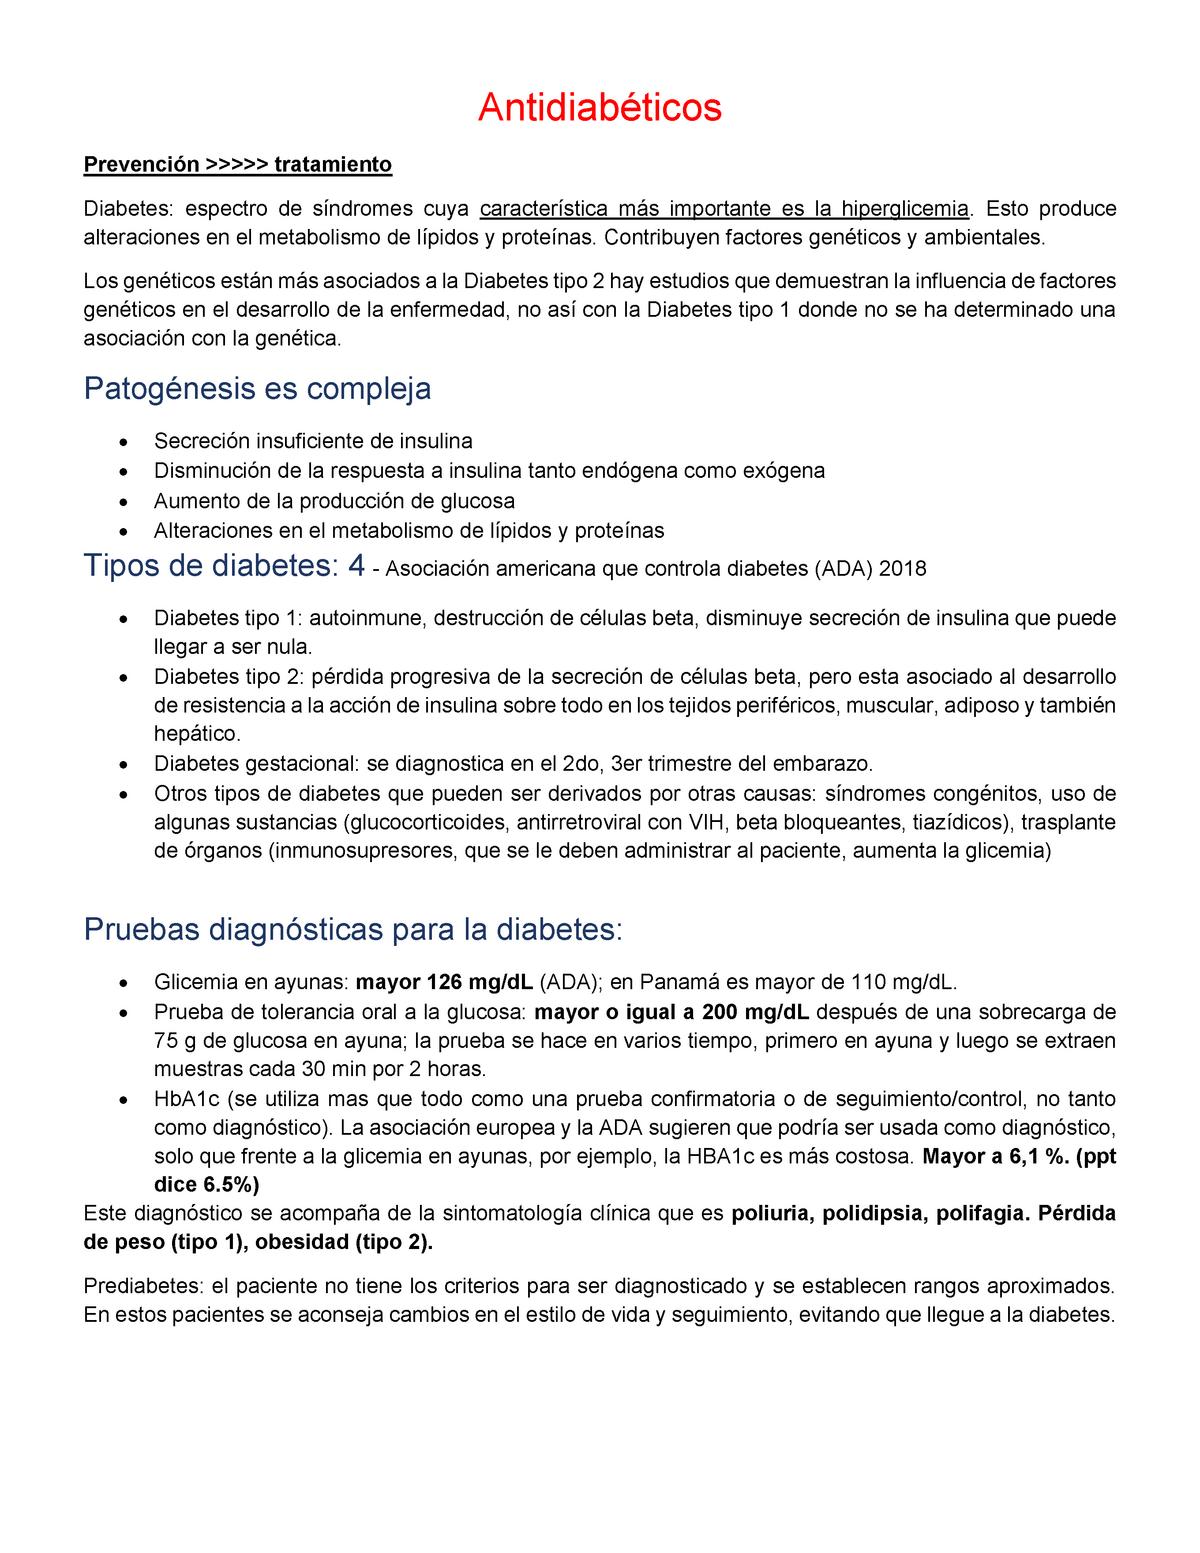 placa de inducción de insulina para diabetes gestacional